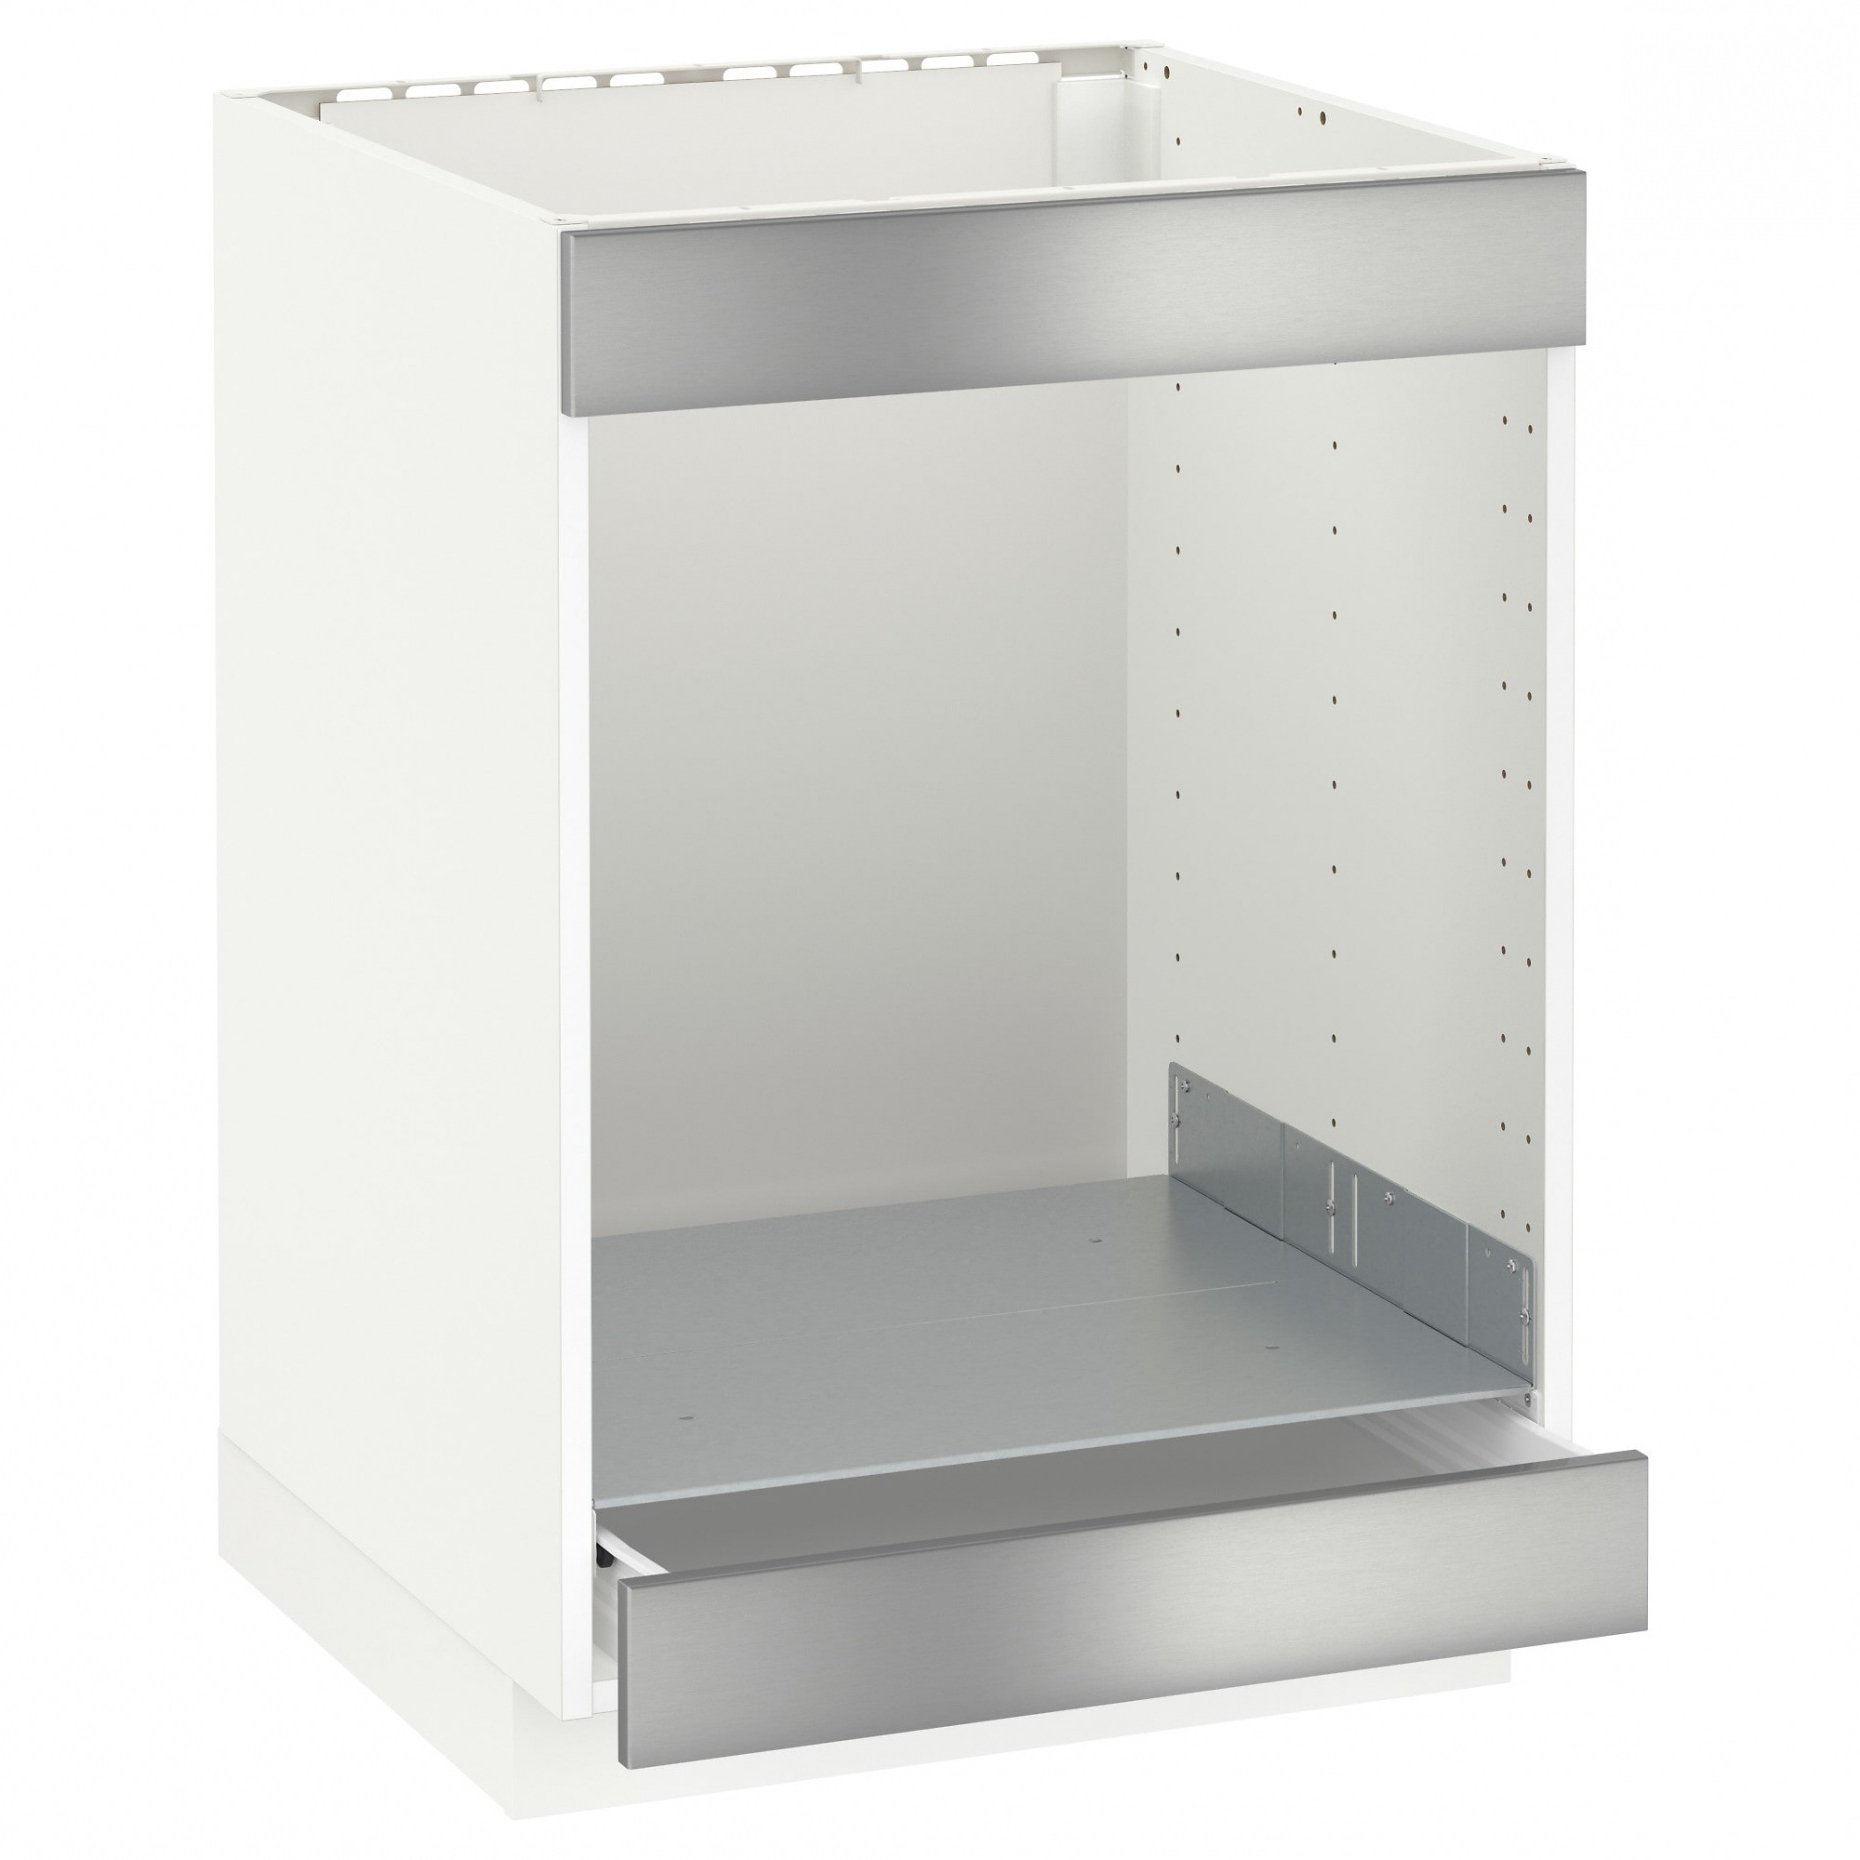 Mueble Para Encastrar Horno Y Encimera 8ydm Muebles Para Tus Electrodomà Sticos Empotrados Pra Online Ikea